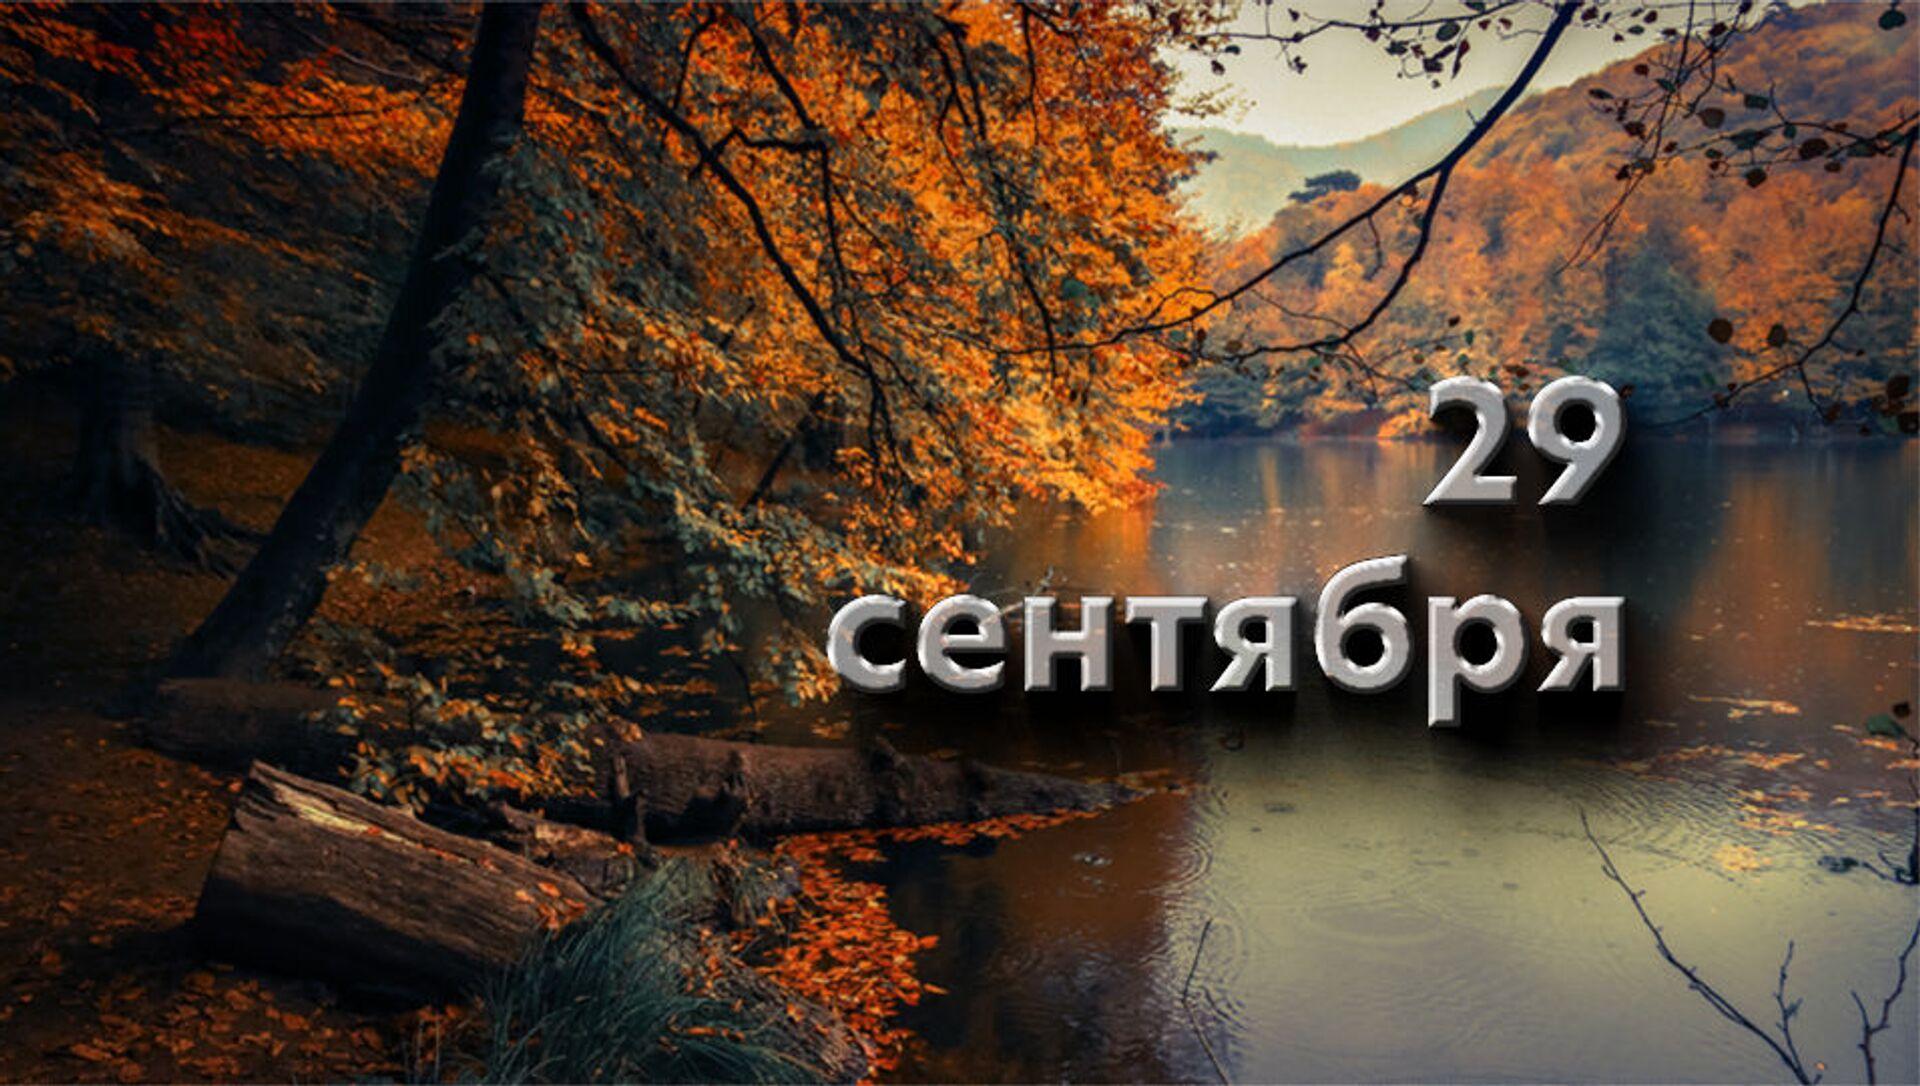 День 29 сентября - Sputnik Южная Осетия, 1920, 28.09.2021